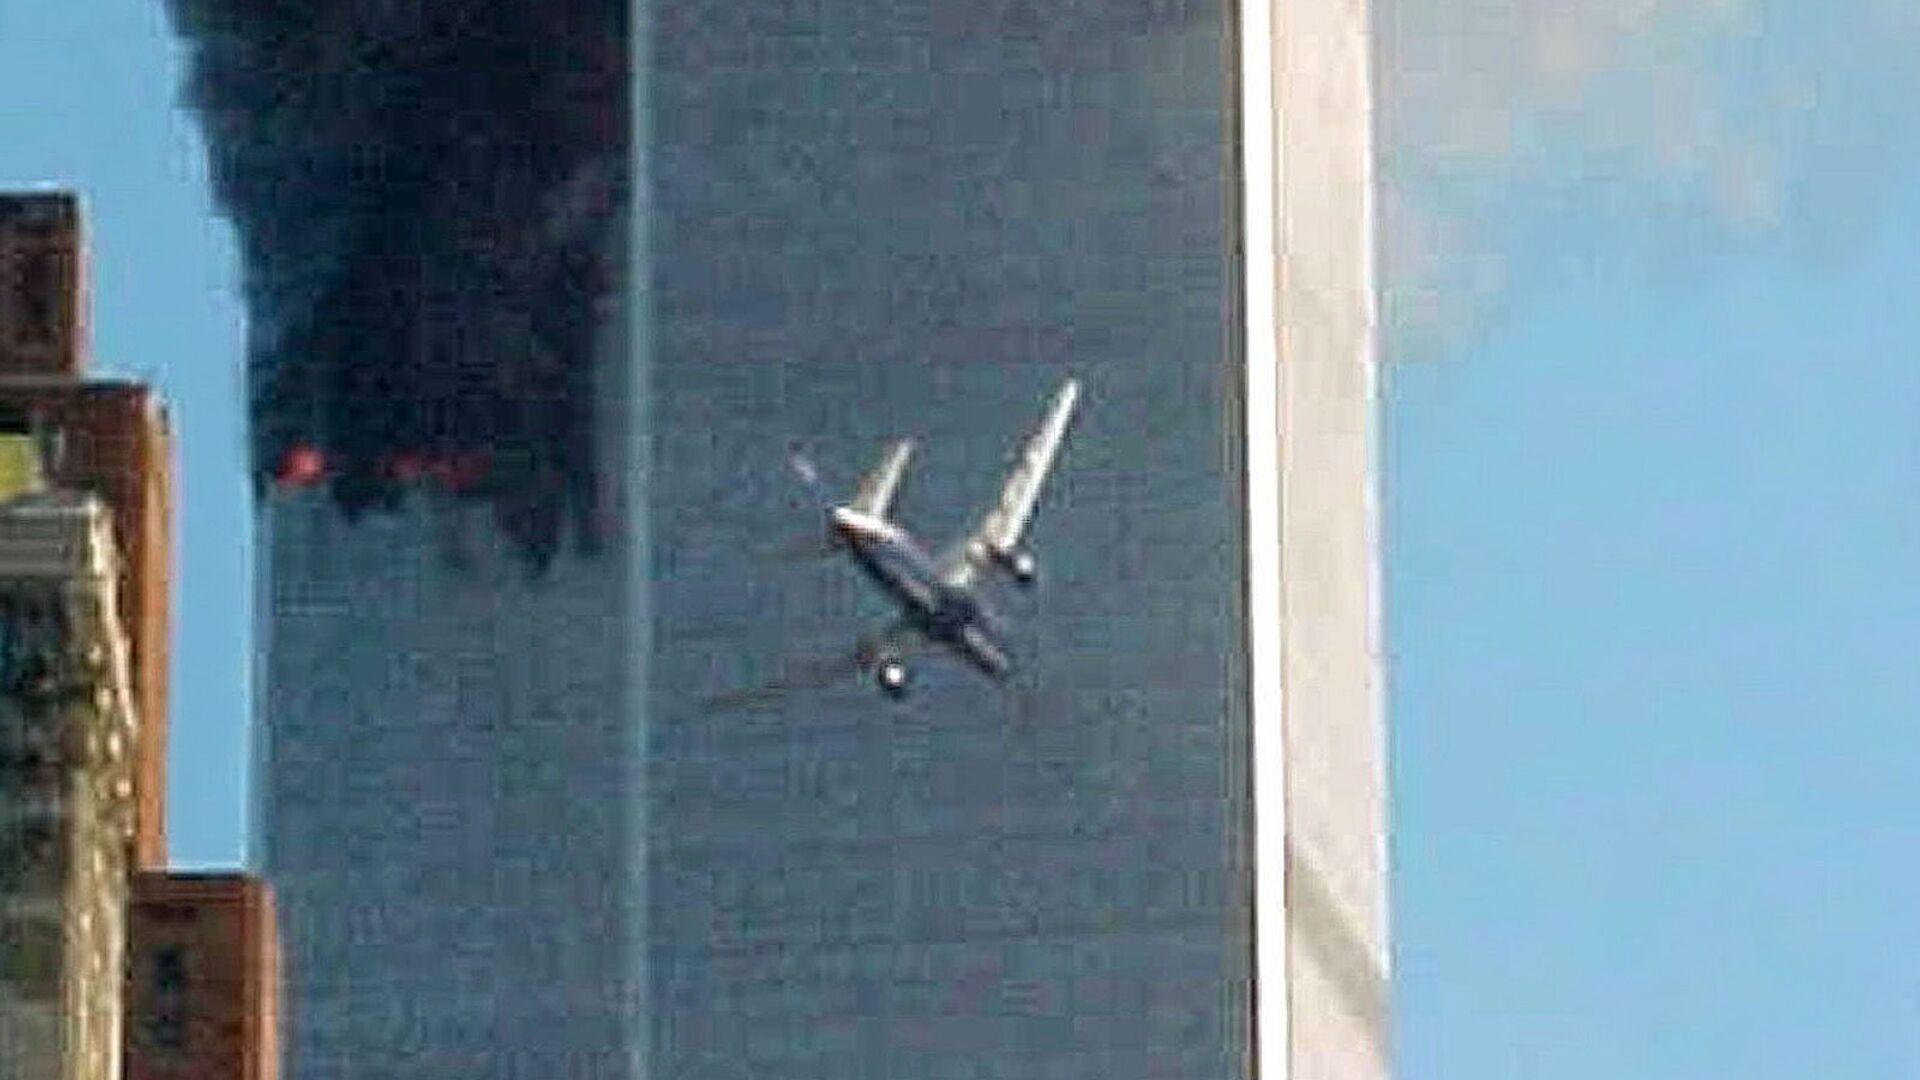 Момент столкновения самолета с одним из башен Всемирного торгового центра в Нью-Йорке   - Sputnik Polska, 1920, 11.09.2021